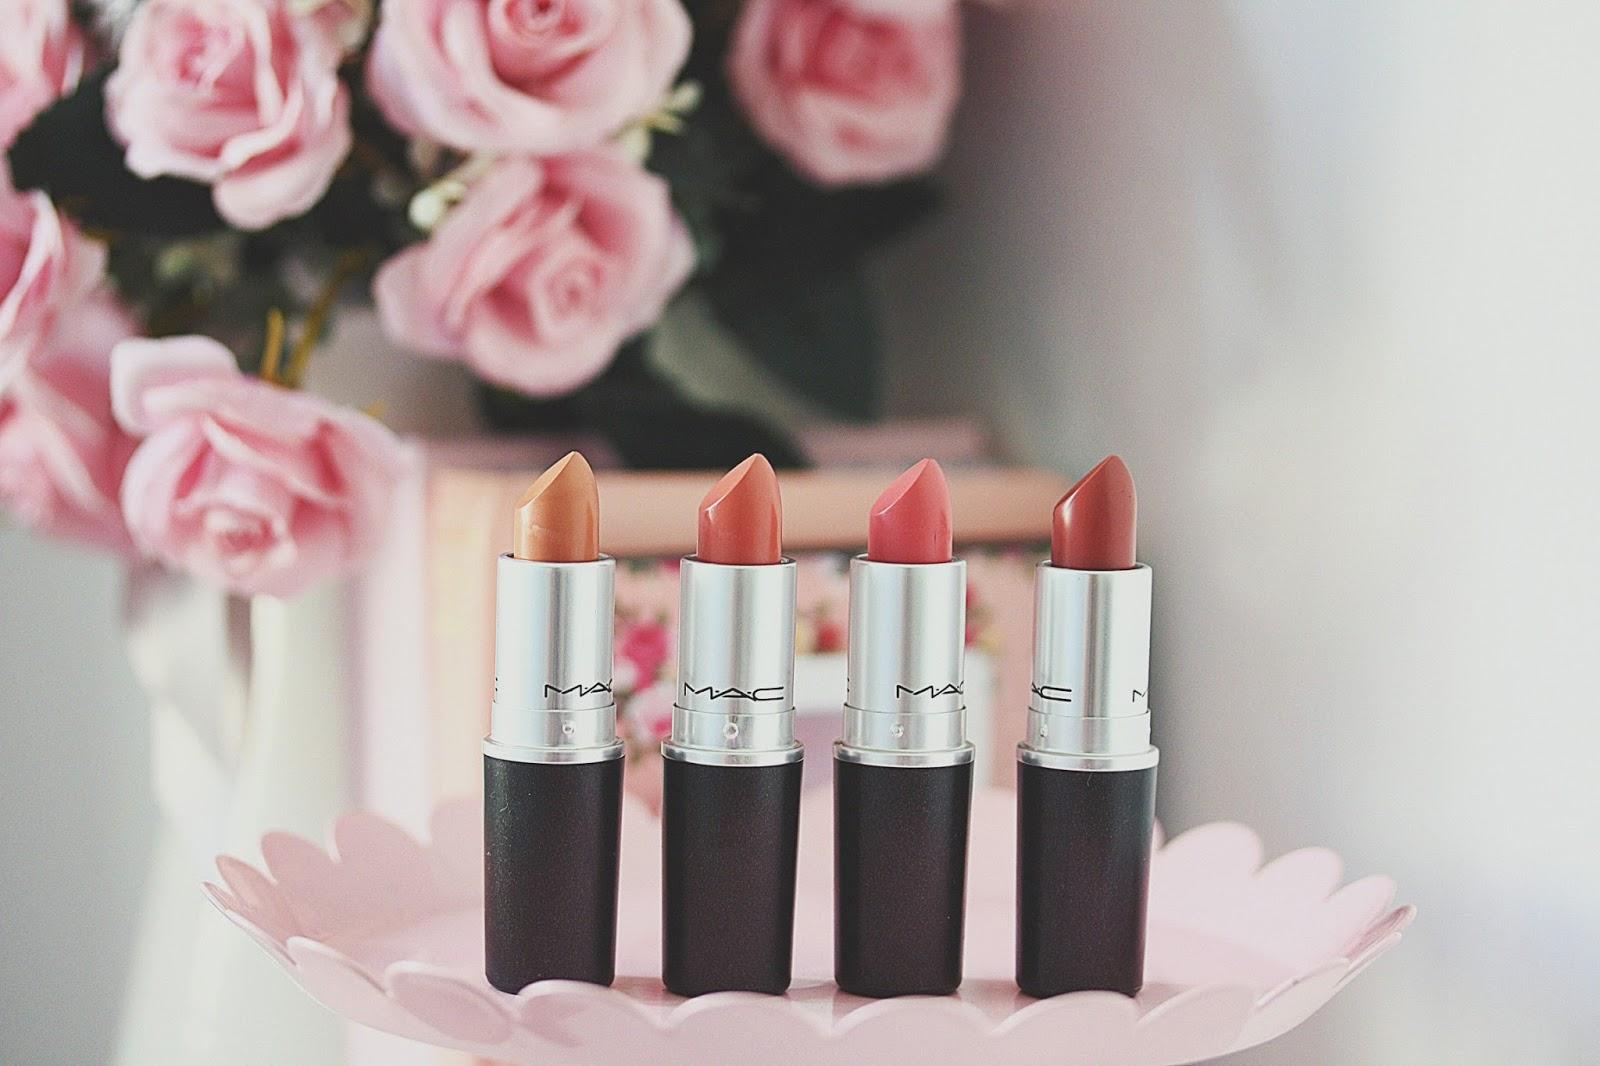 http://www.rosemademoiselle.com/2015/08/mac-matte-lipsticks.html